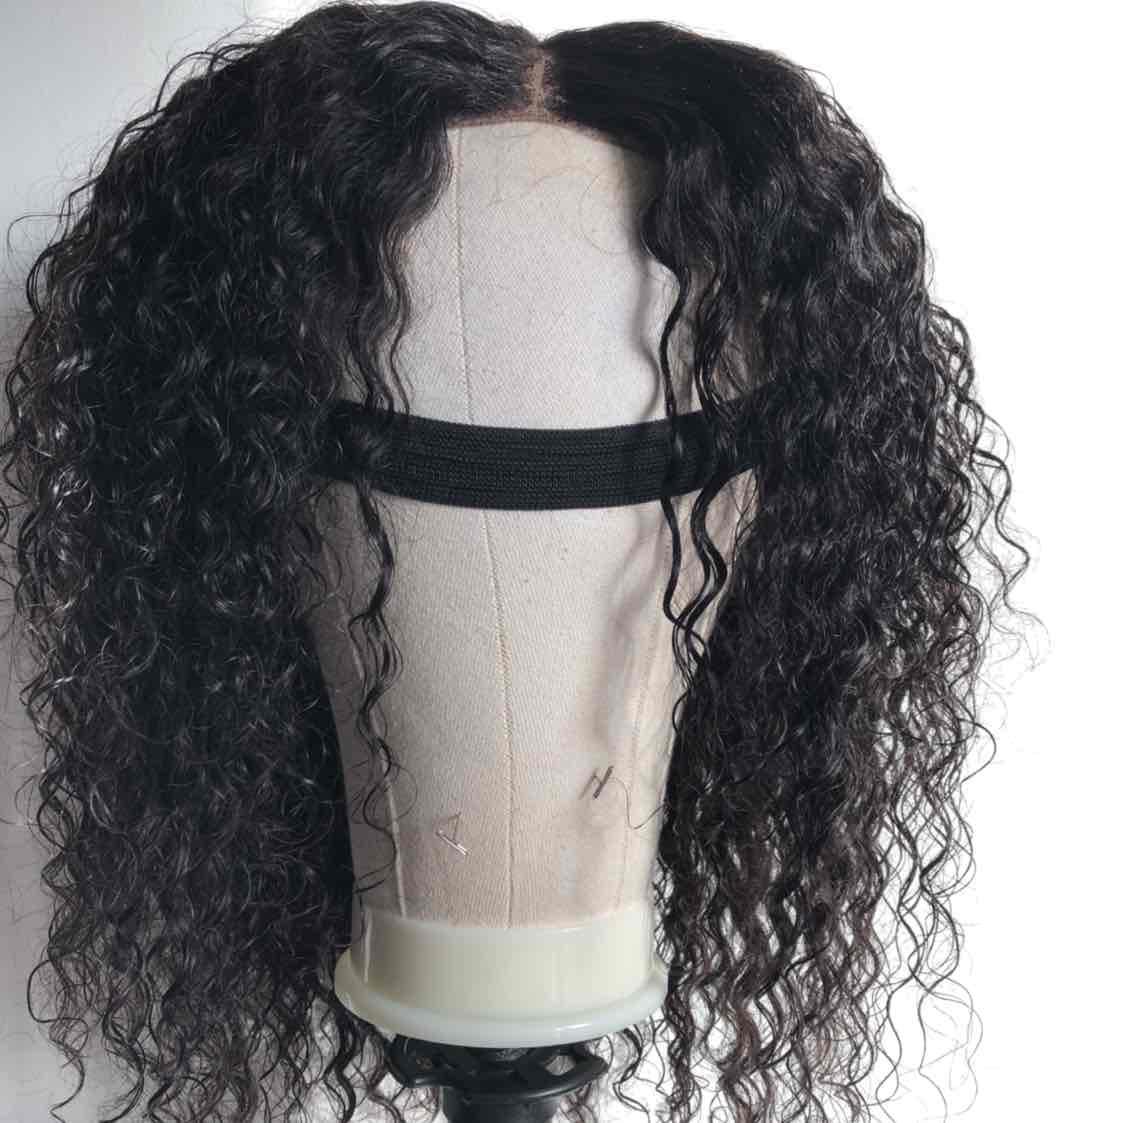 salon de coiffure afro tresse tresses box braids crochet braids vanilles tissages paris 75 77 78 91 92 93 94 95 TMFAQLXM